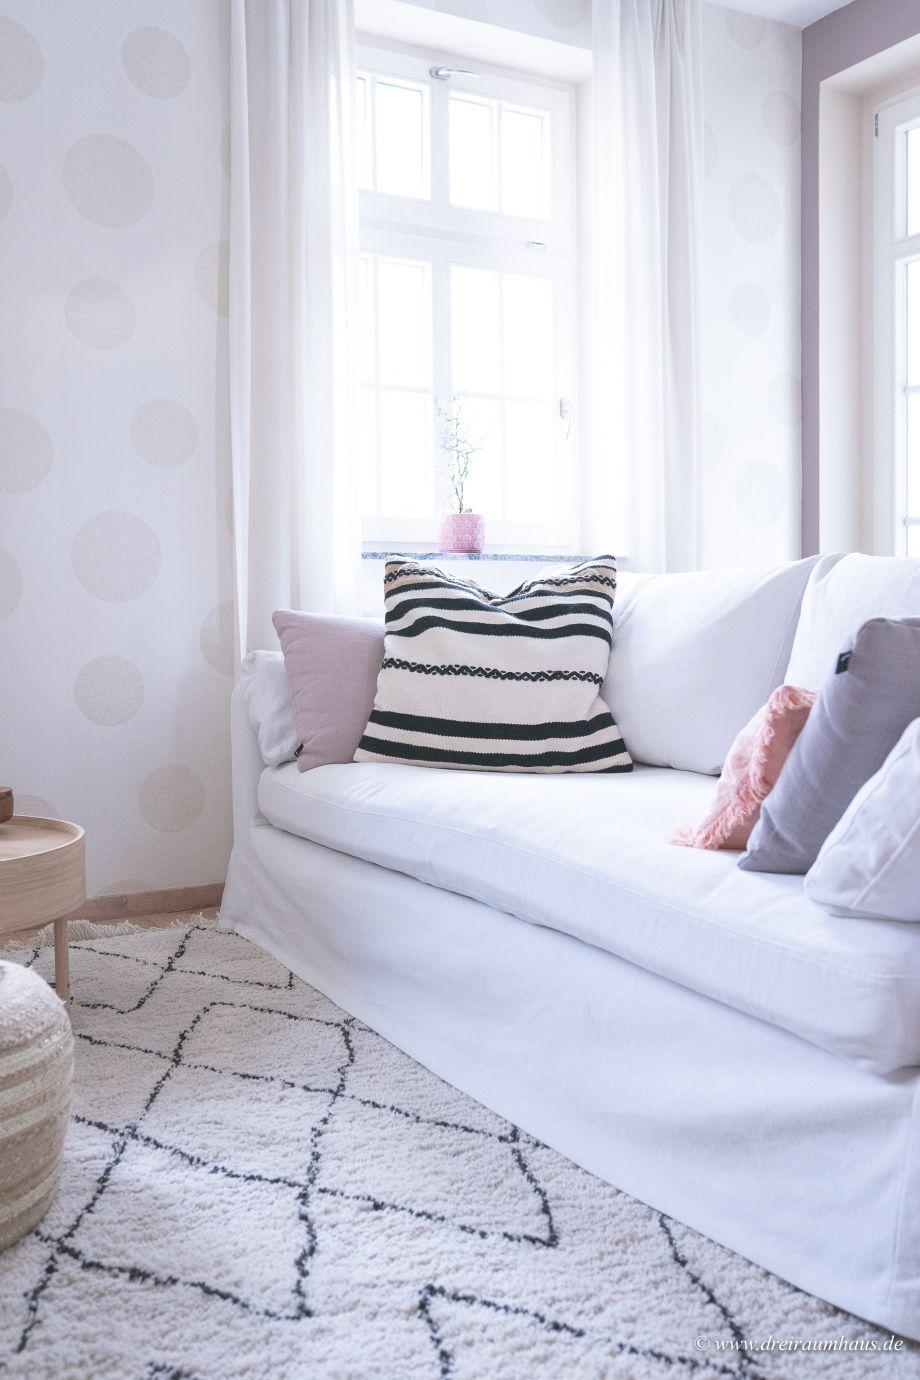 Dekosamstag: Ein Rauten Teppich für kuschelige Gemütlichkeit im Wohnzimmer...